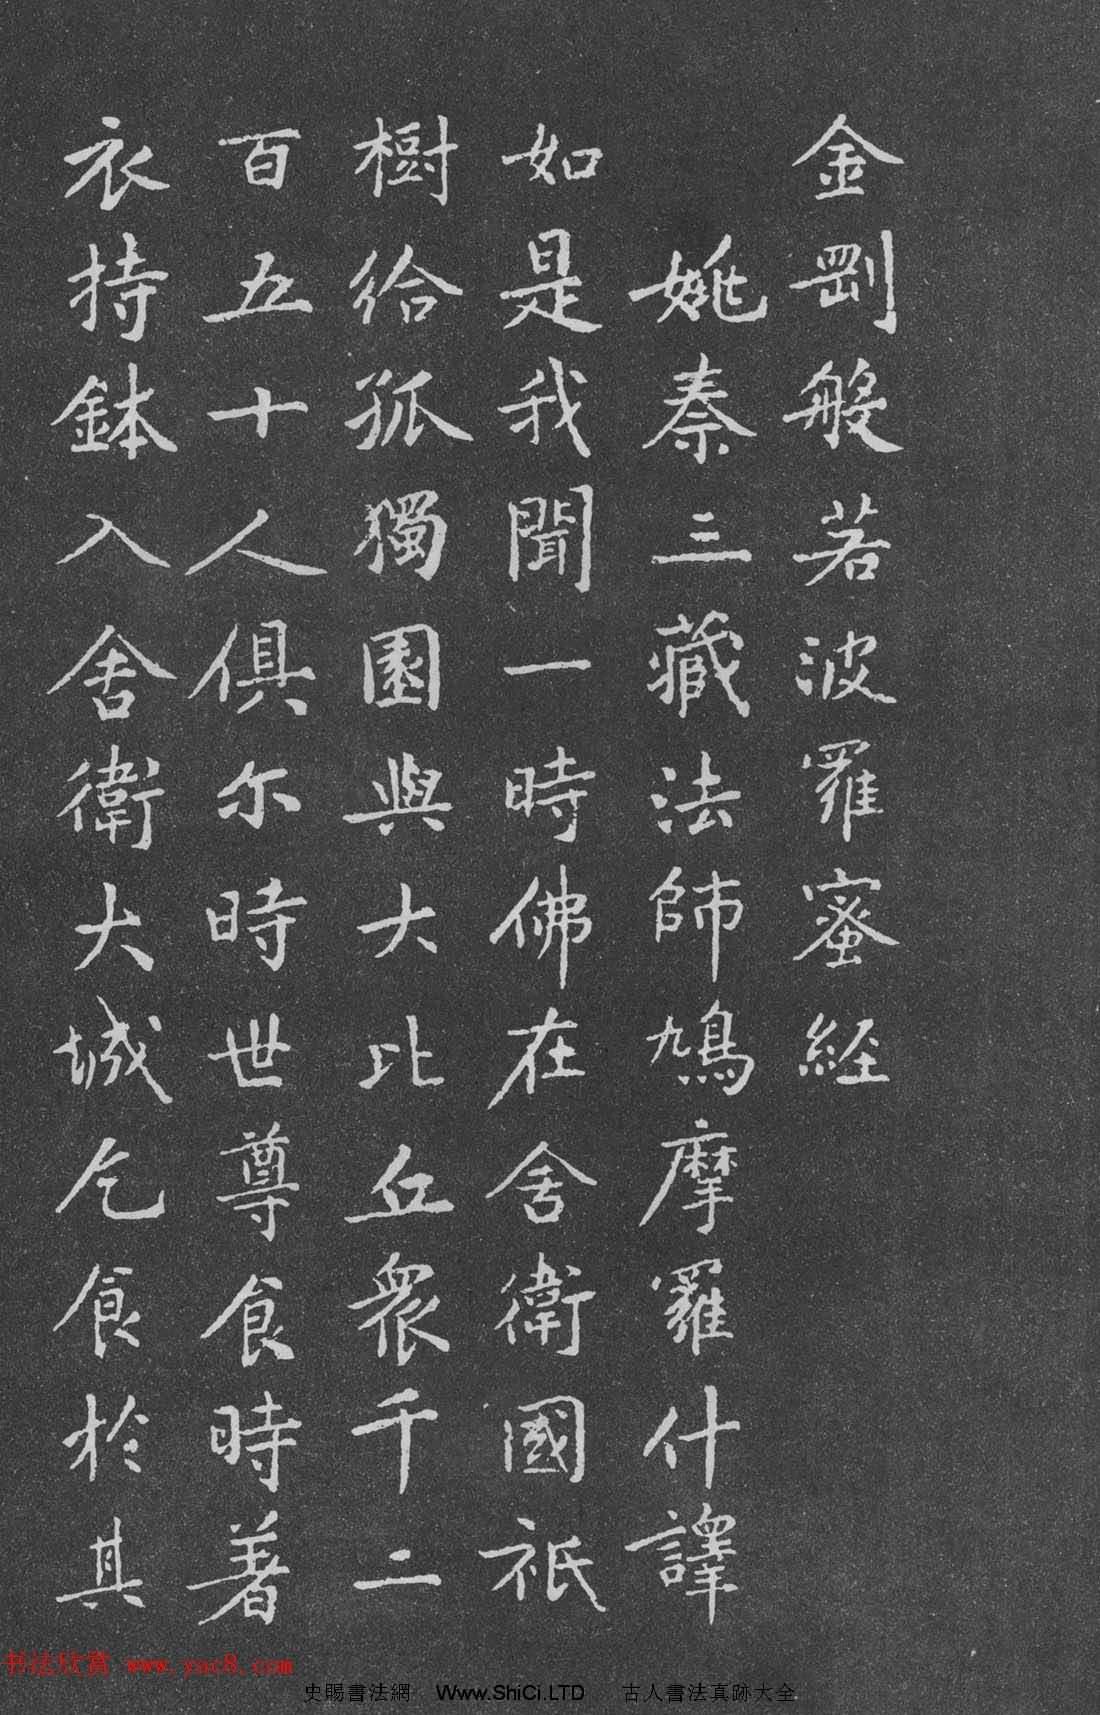 宋代黃庭堅小楷《金剛經》拓本(共64張圖片)